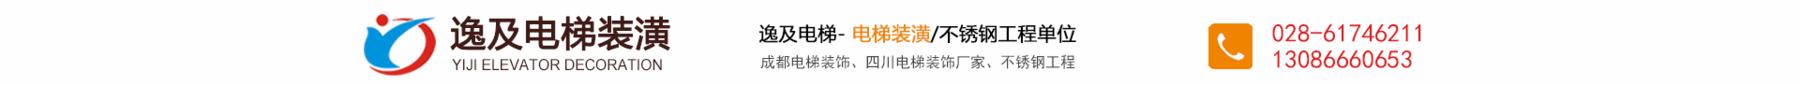 成都贝博竞彩app贝博策略